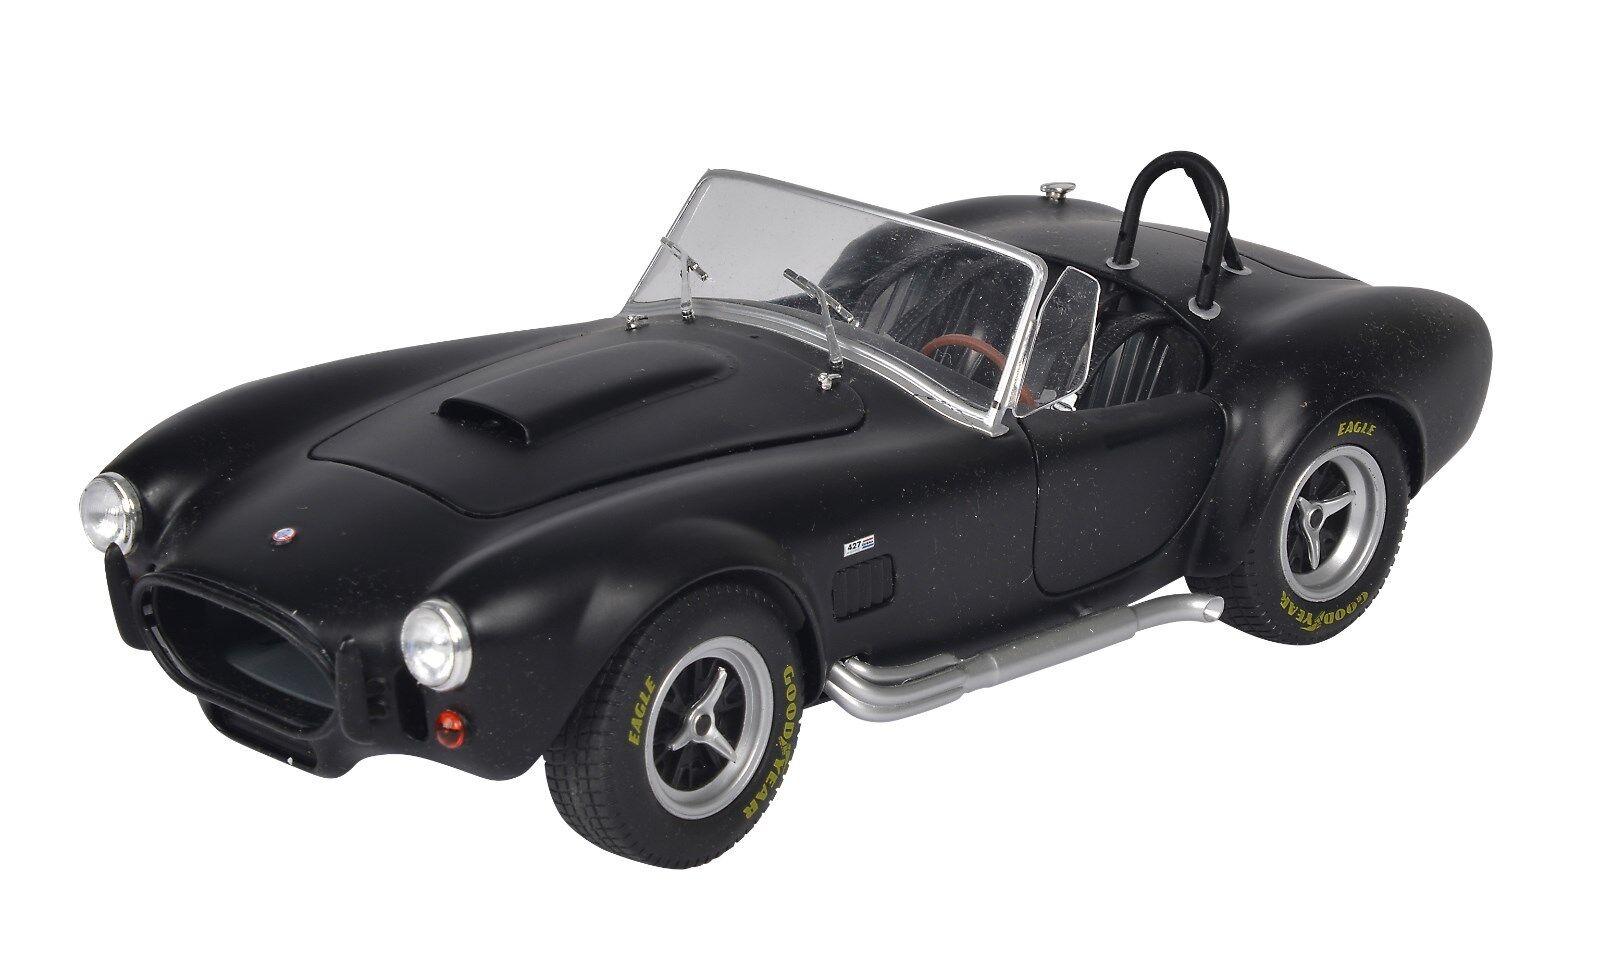 Ac Cobra Mk II black Mate 421184640 1 18 Solido